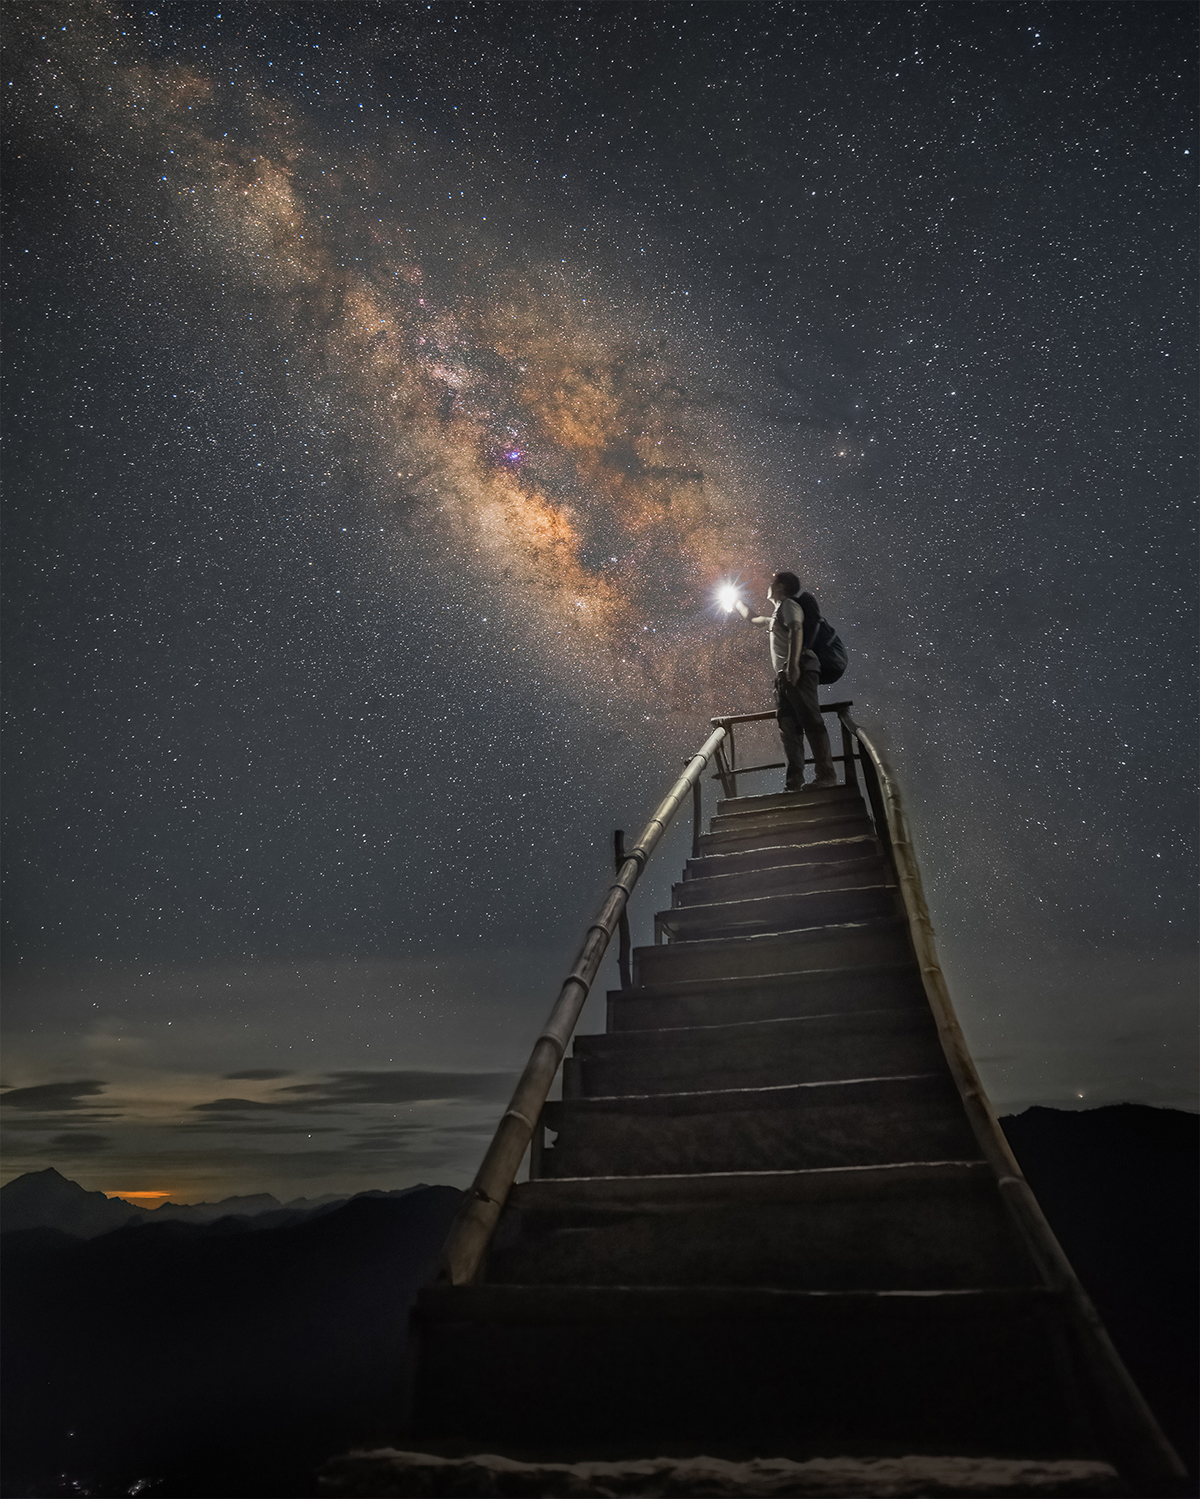 Chàng trai trẻ đứng dưới dải ngân hà triệu vì sao. Ảnh: Trần Văn Linh